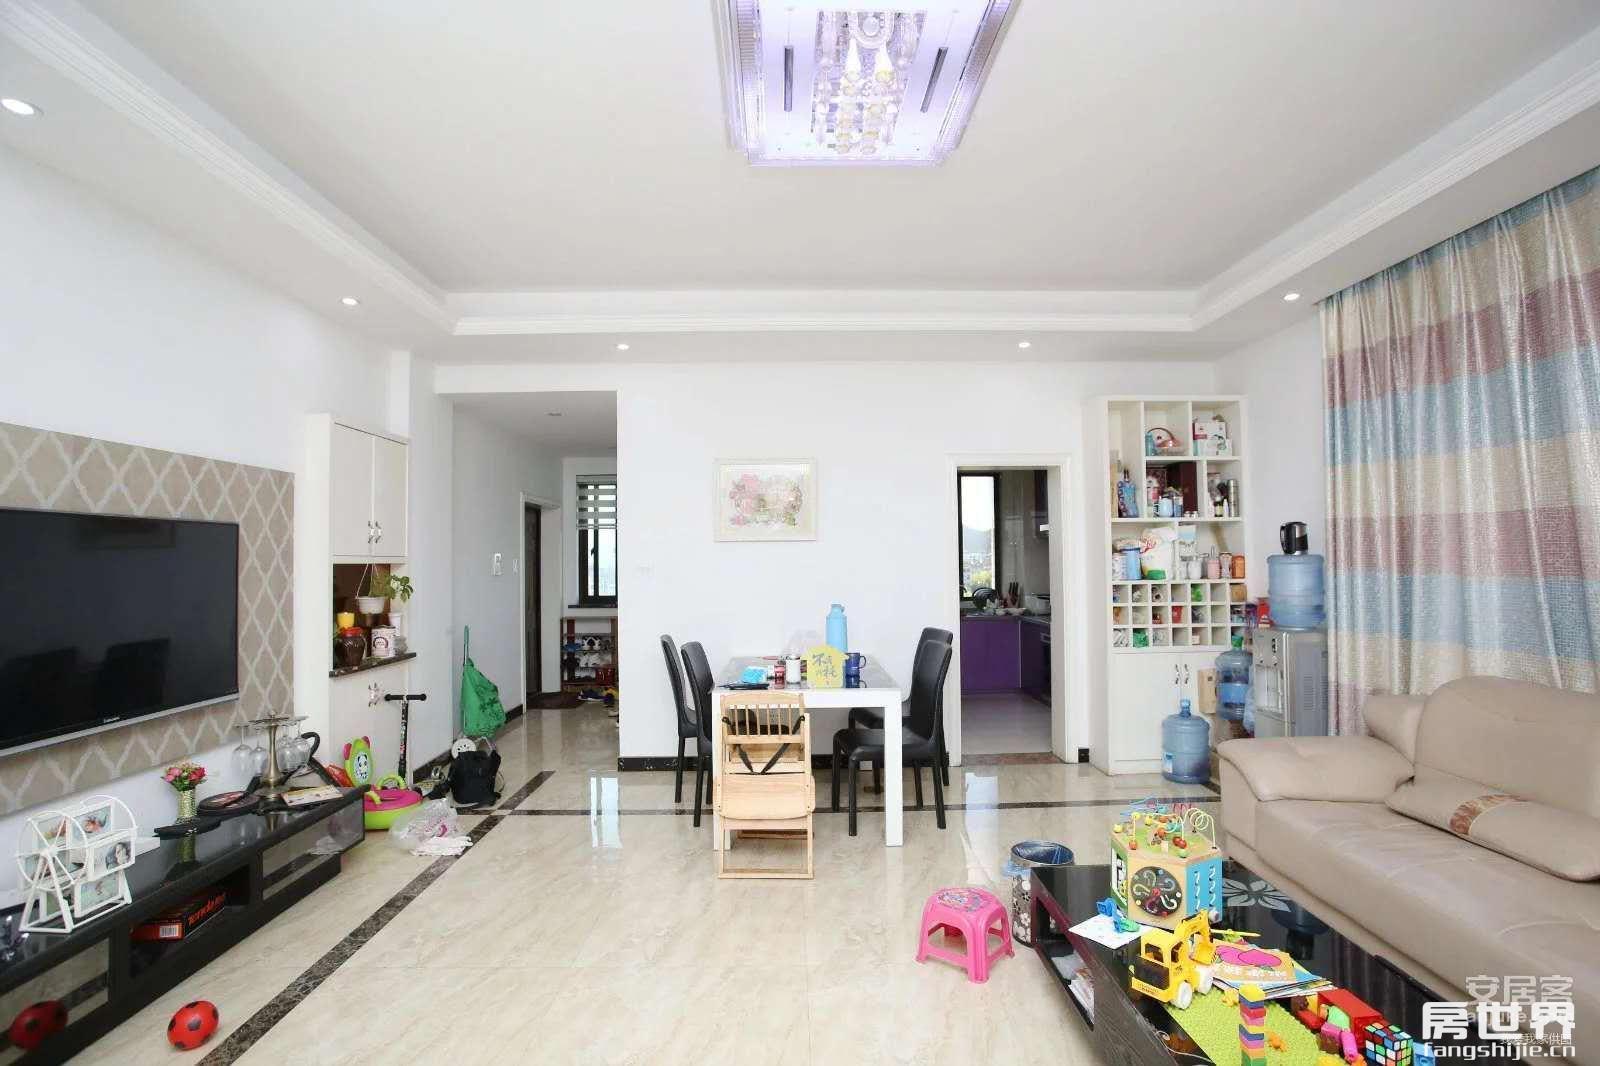 临浦嘉顺中心繁华地段、精装修、楼层佳、家电齐全、诚售